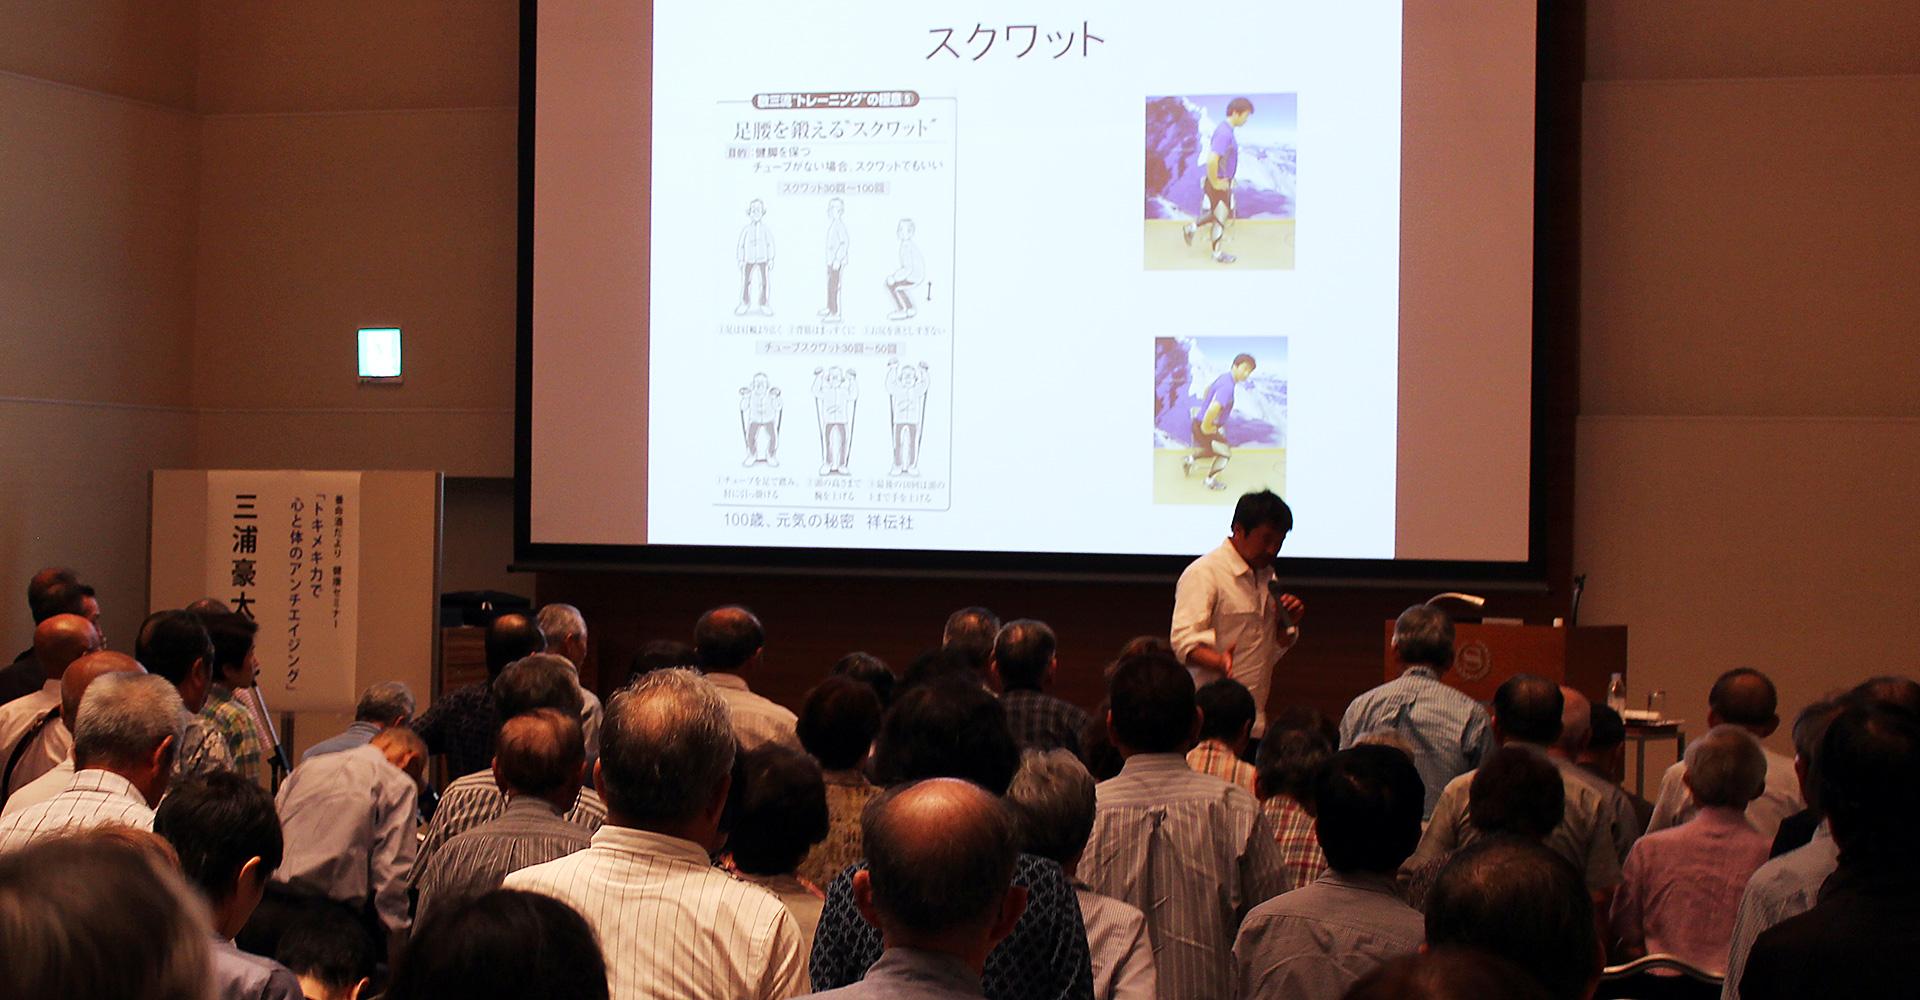 『養命酒だより』健康セミナー2015 in 広島一覧画像